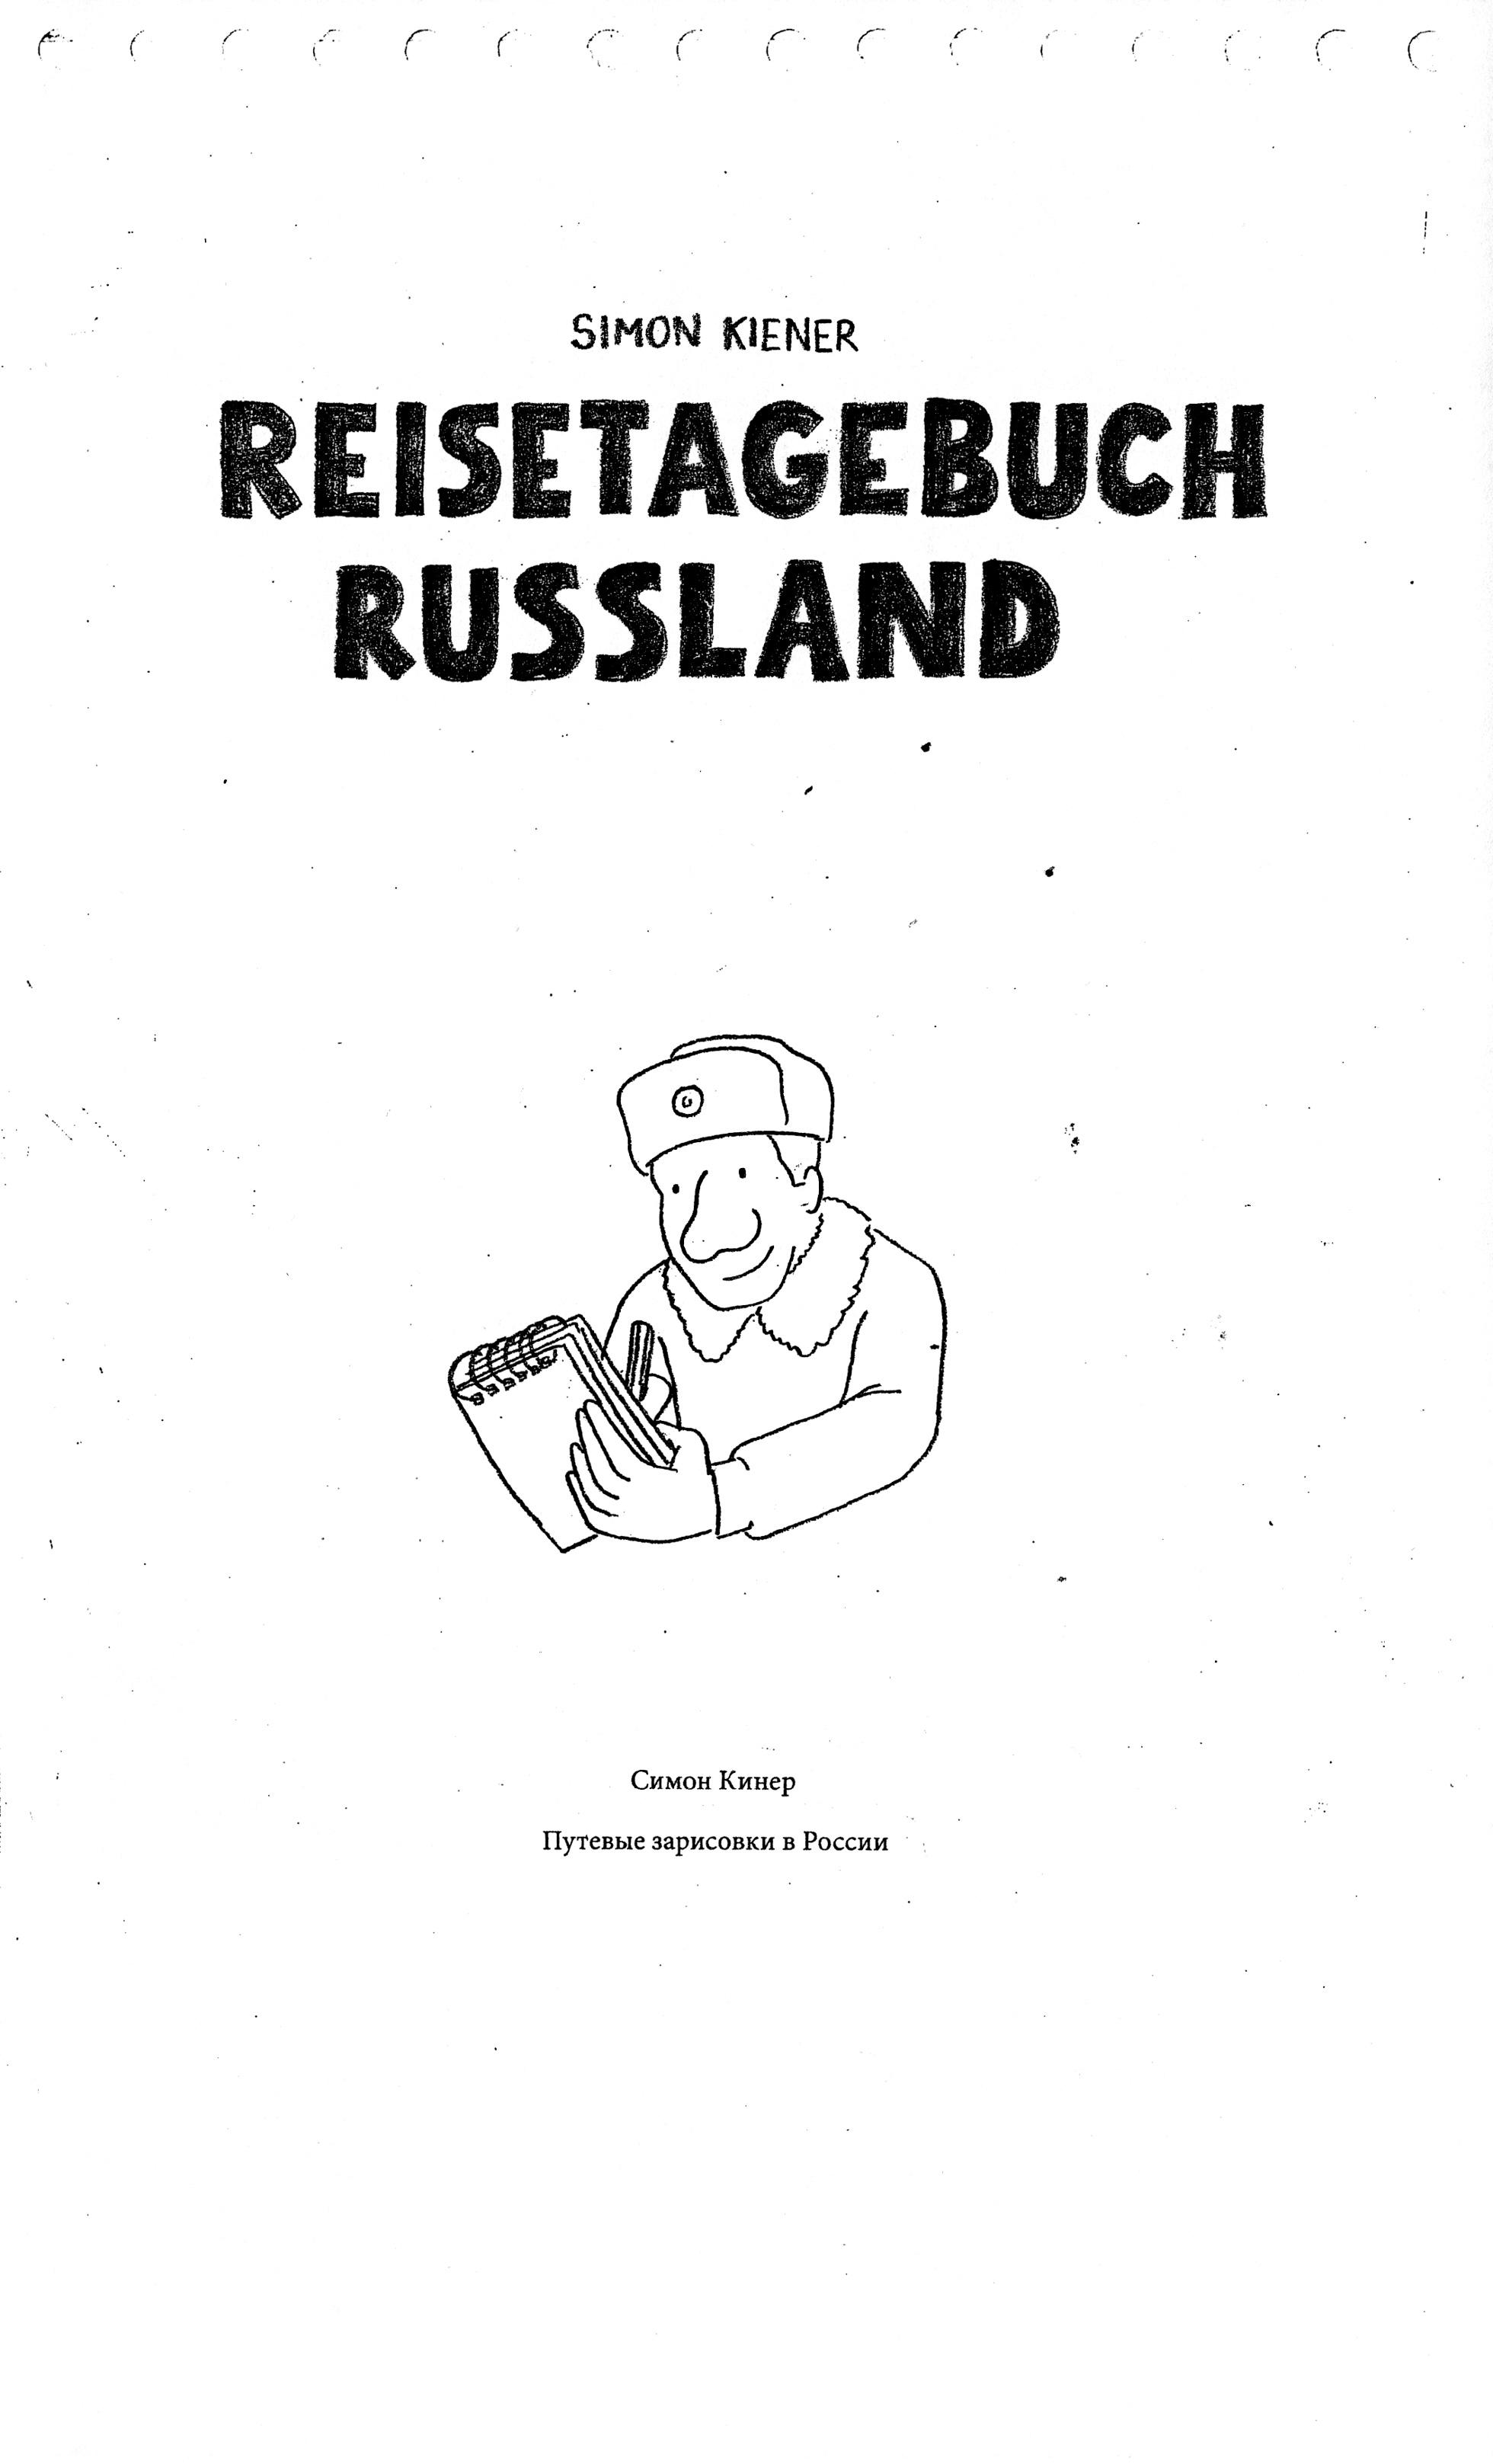 reisetagebuch_russland-1